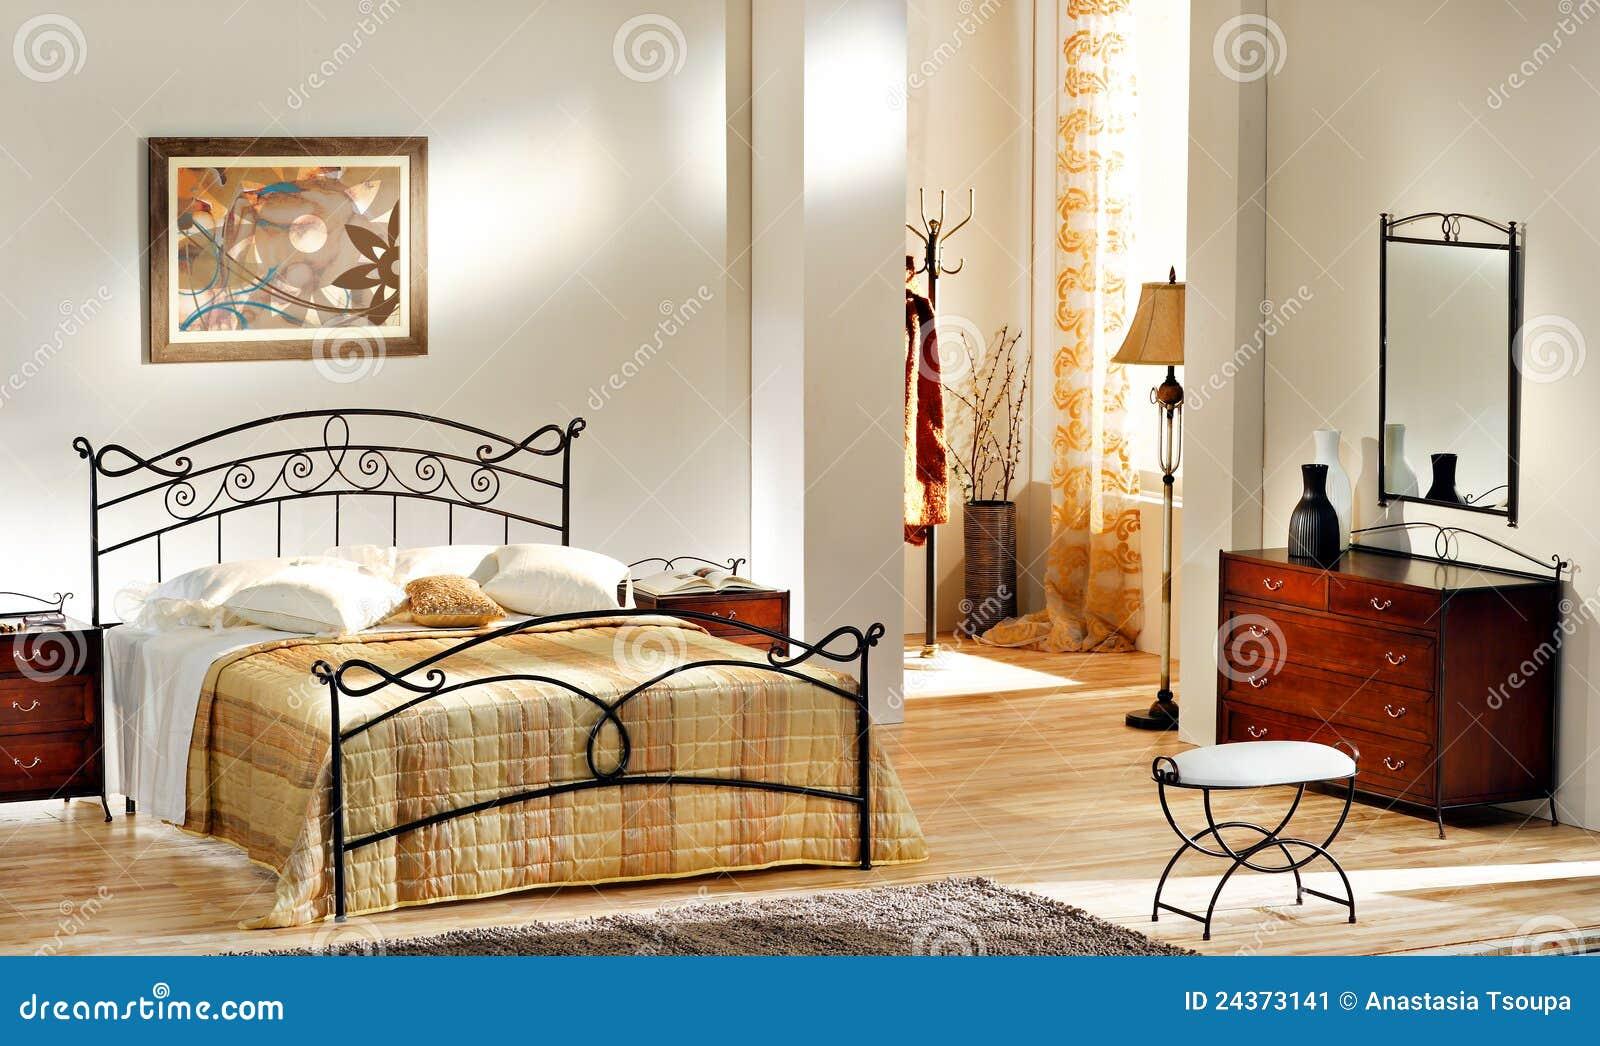 Camera da letto classica immagine stock immagine 24373141 - Camere da letto bianche classiche ...